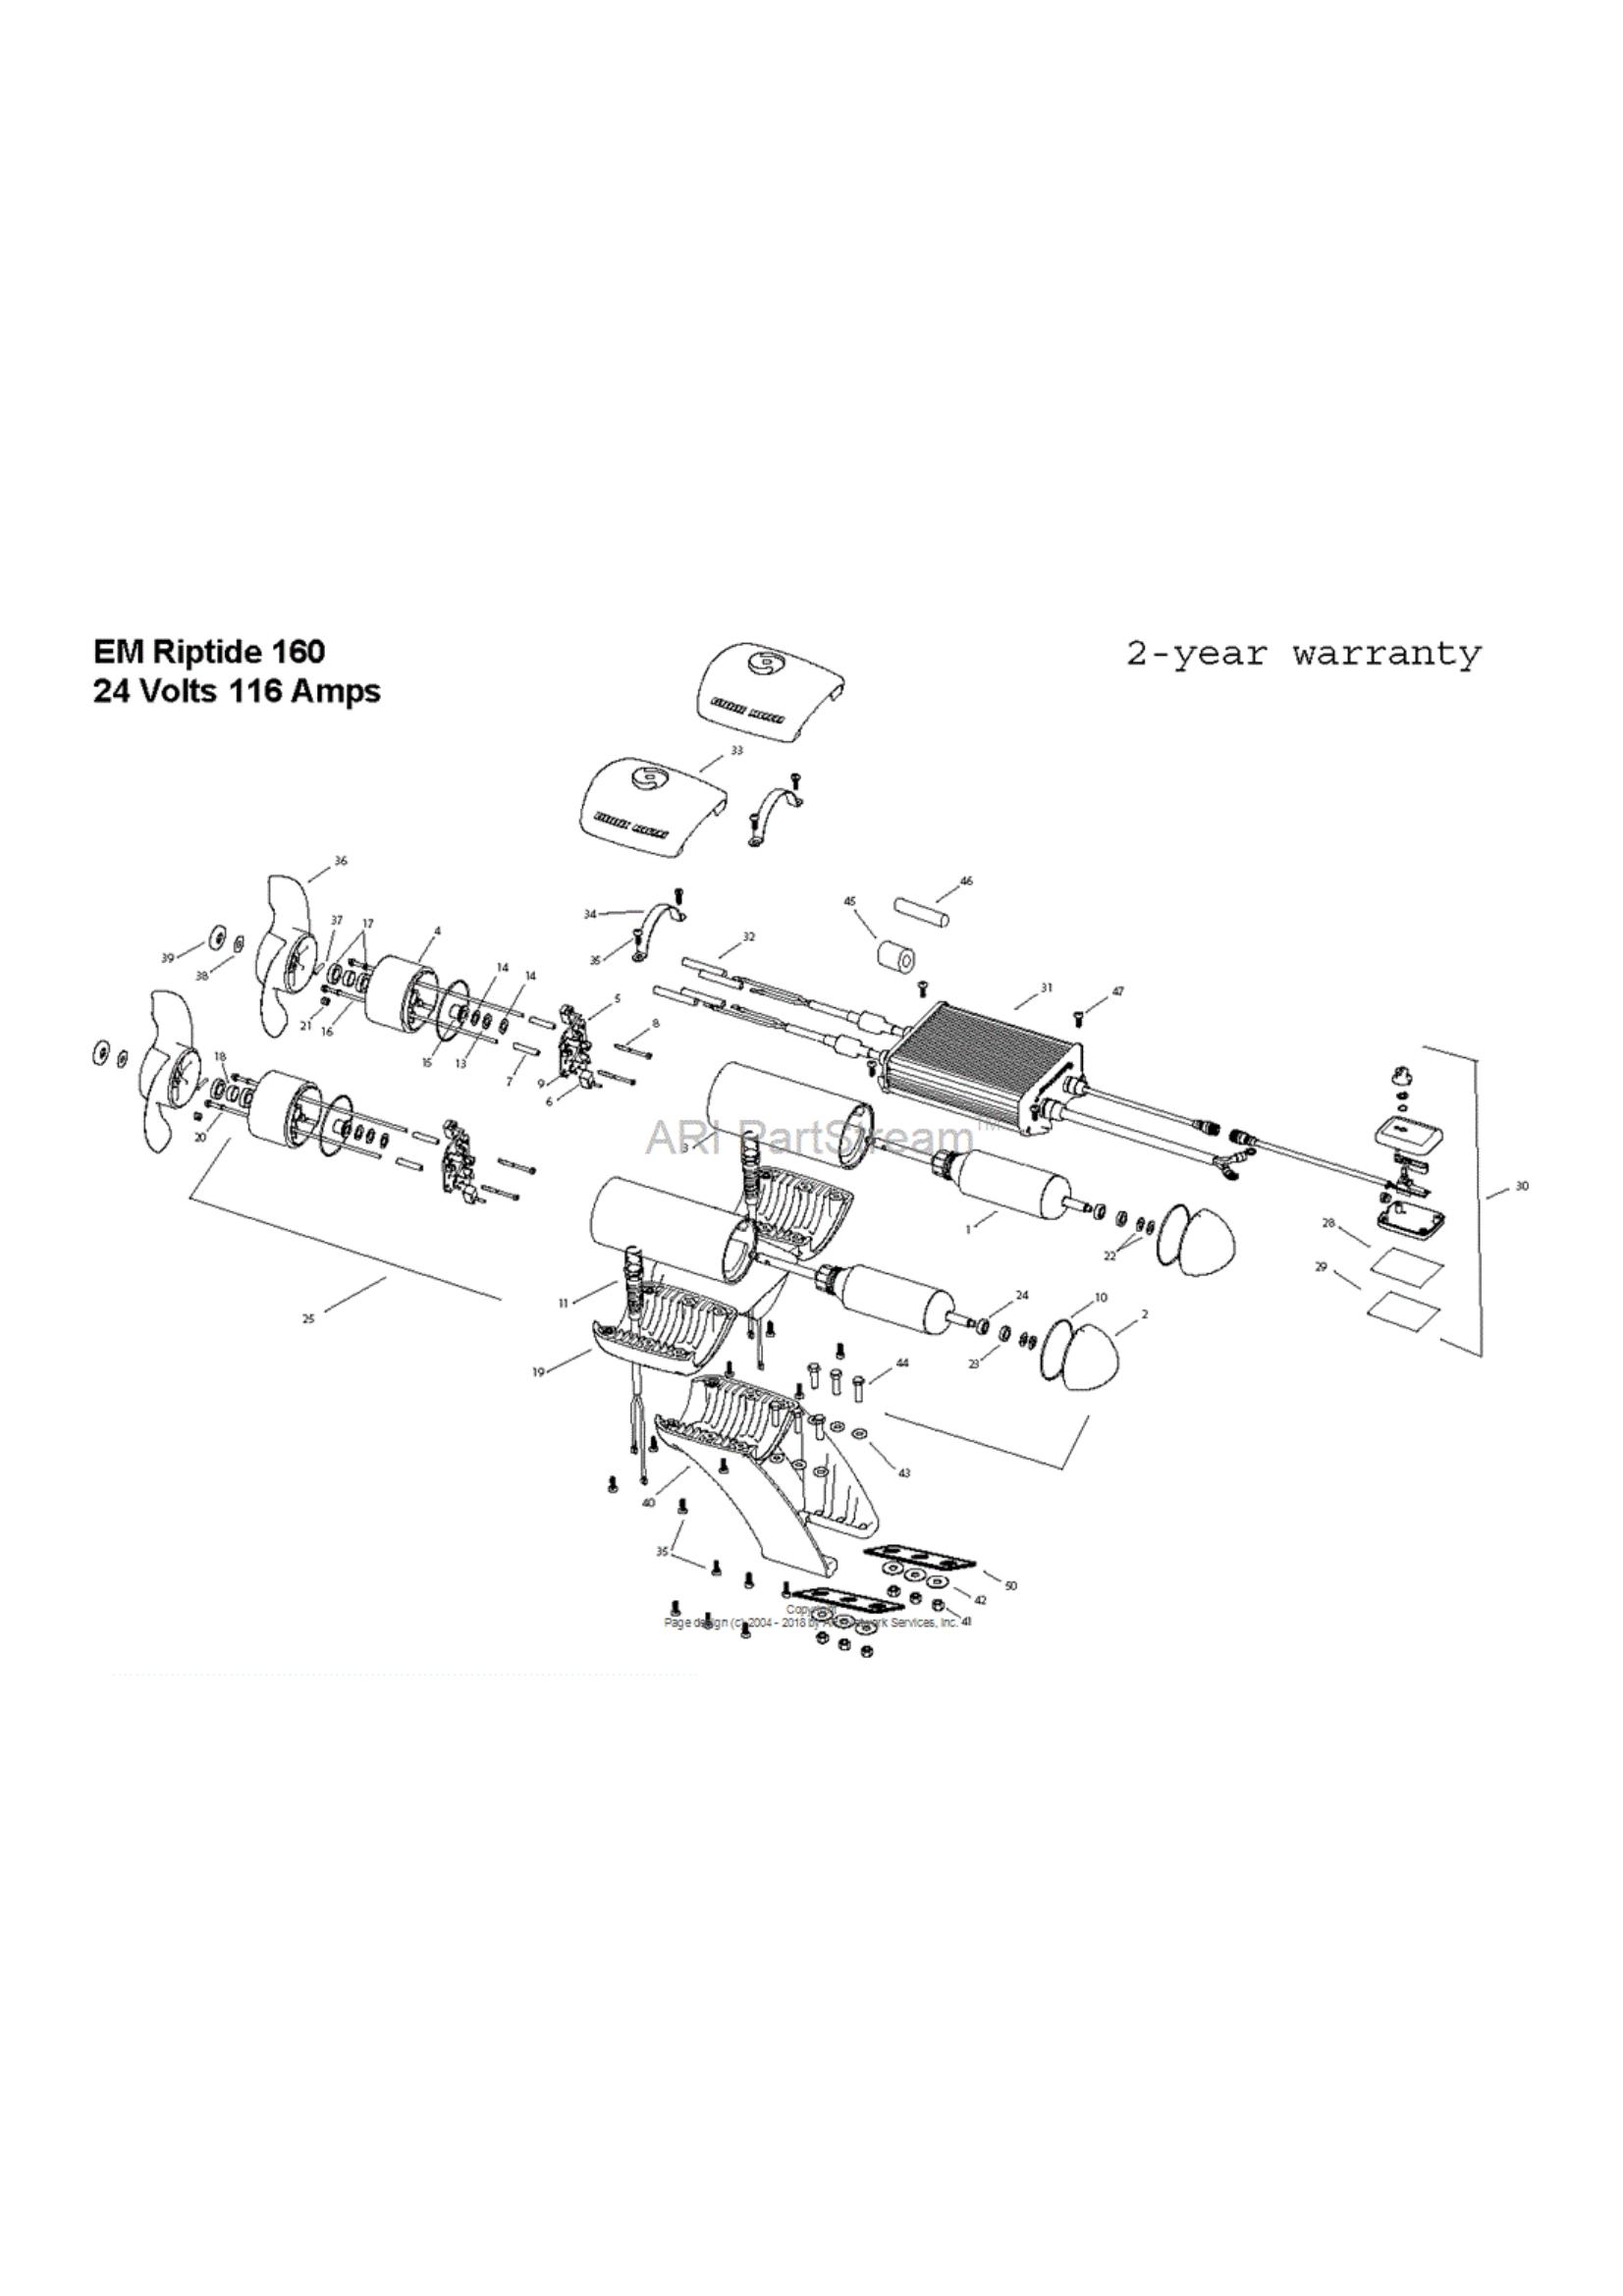 2015-mk-engine-mount-riptide-160-parts-2015-1.png